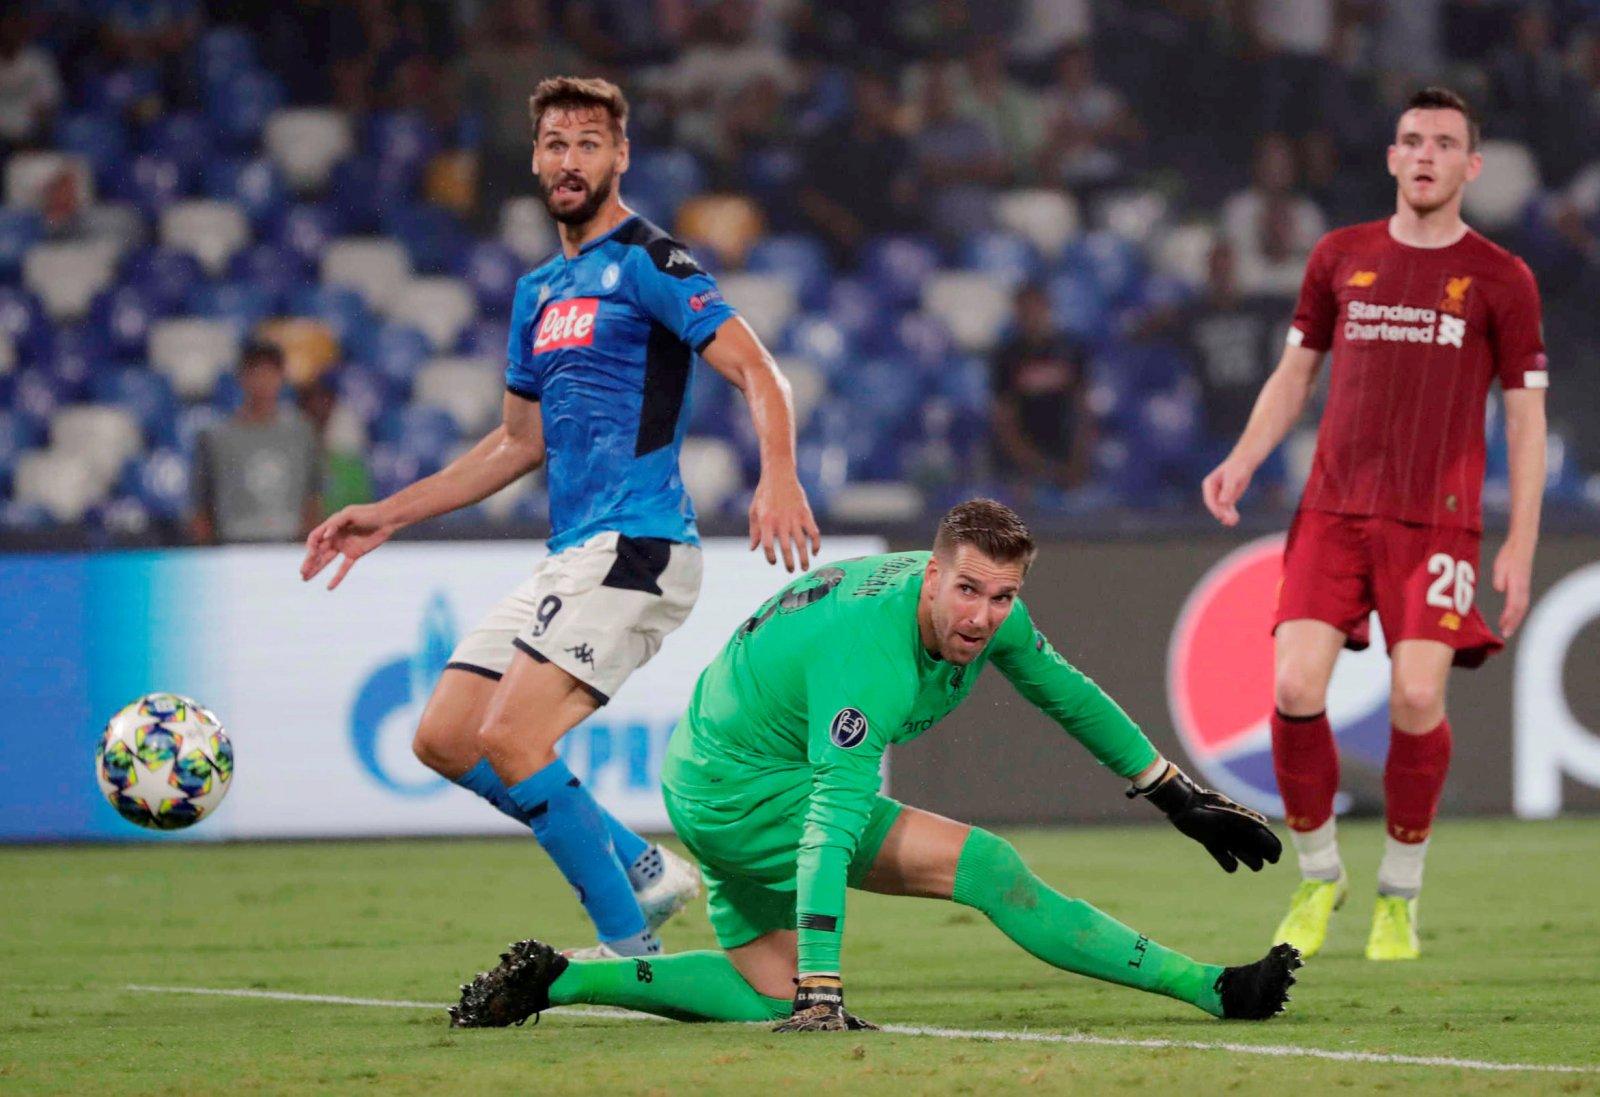 Soi kèo Napoli vs Genk